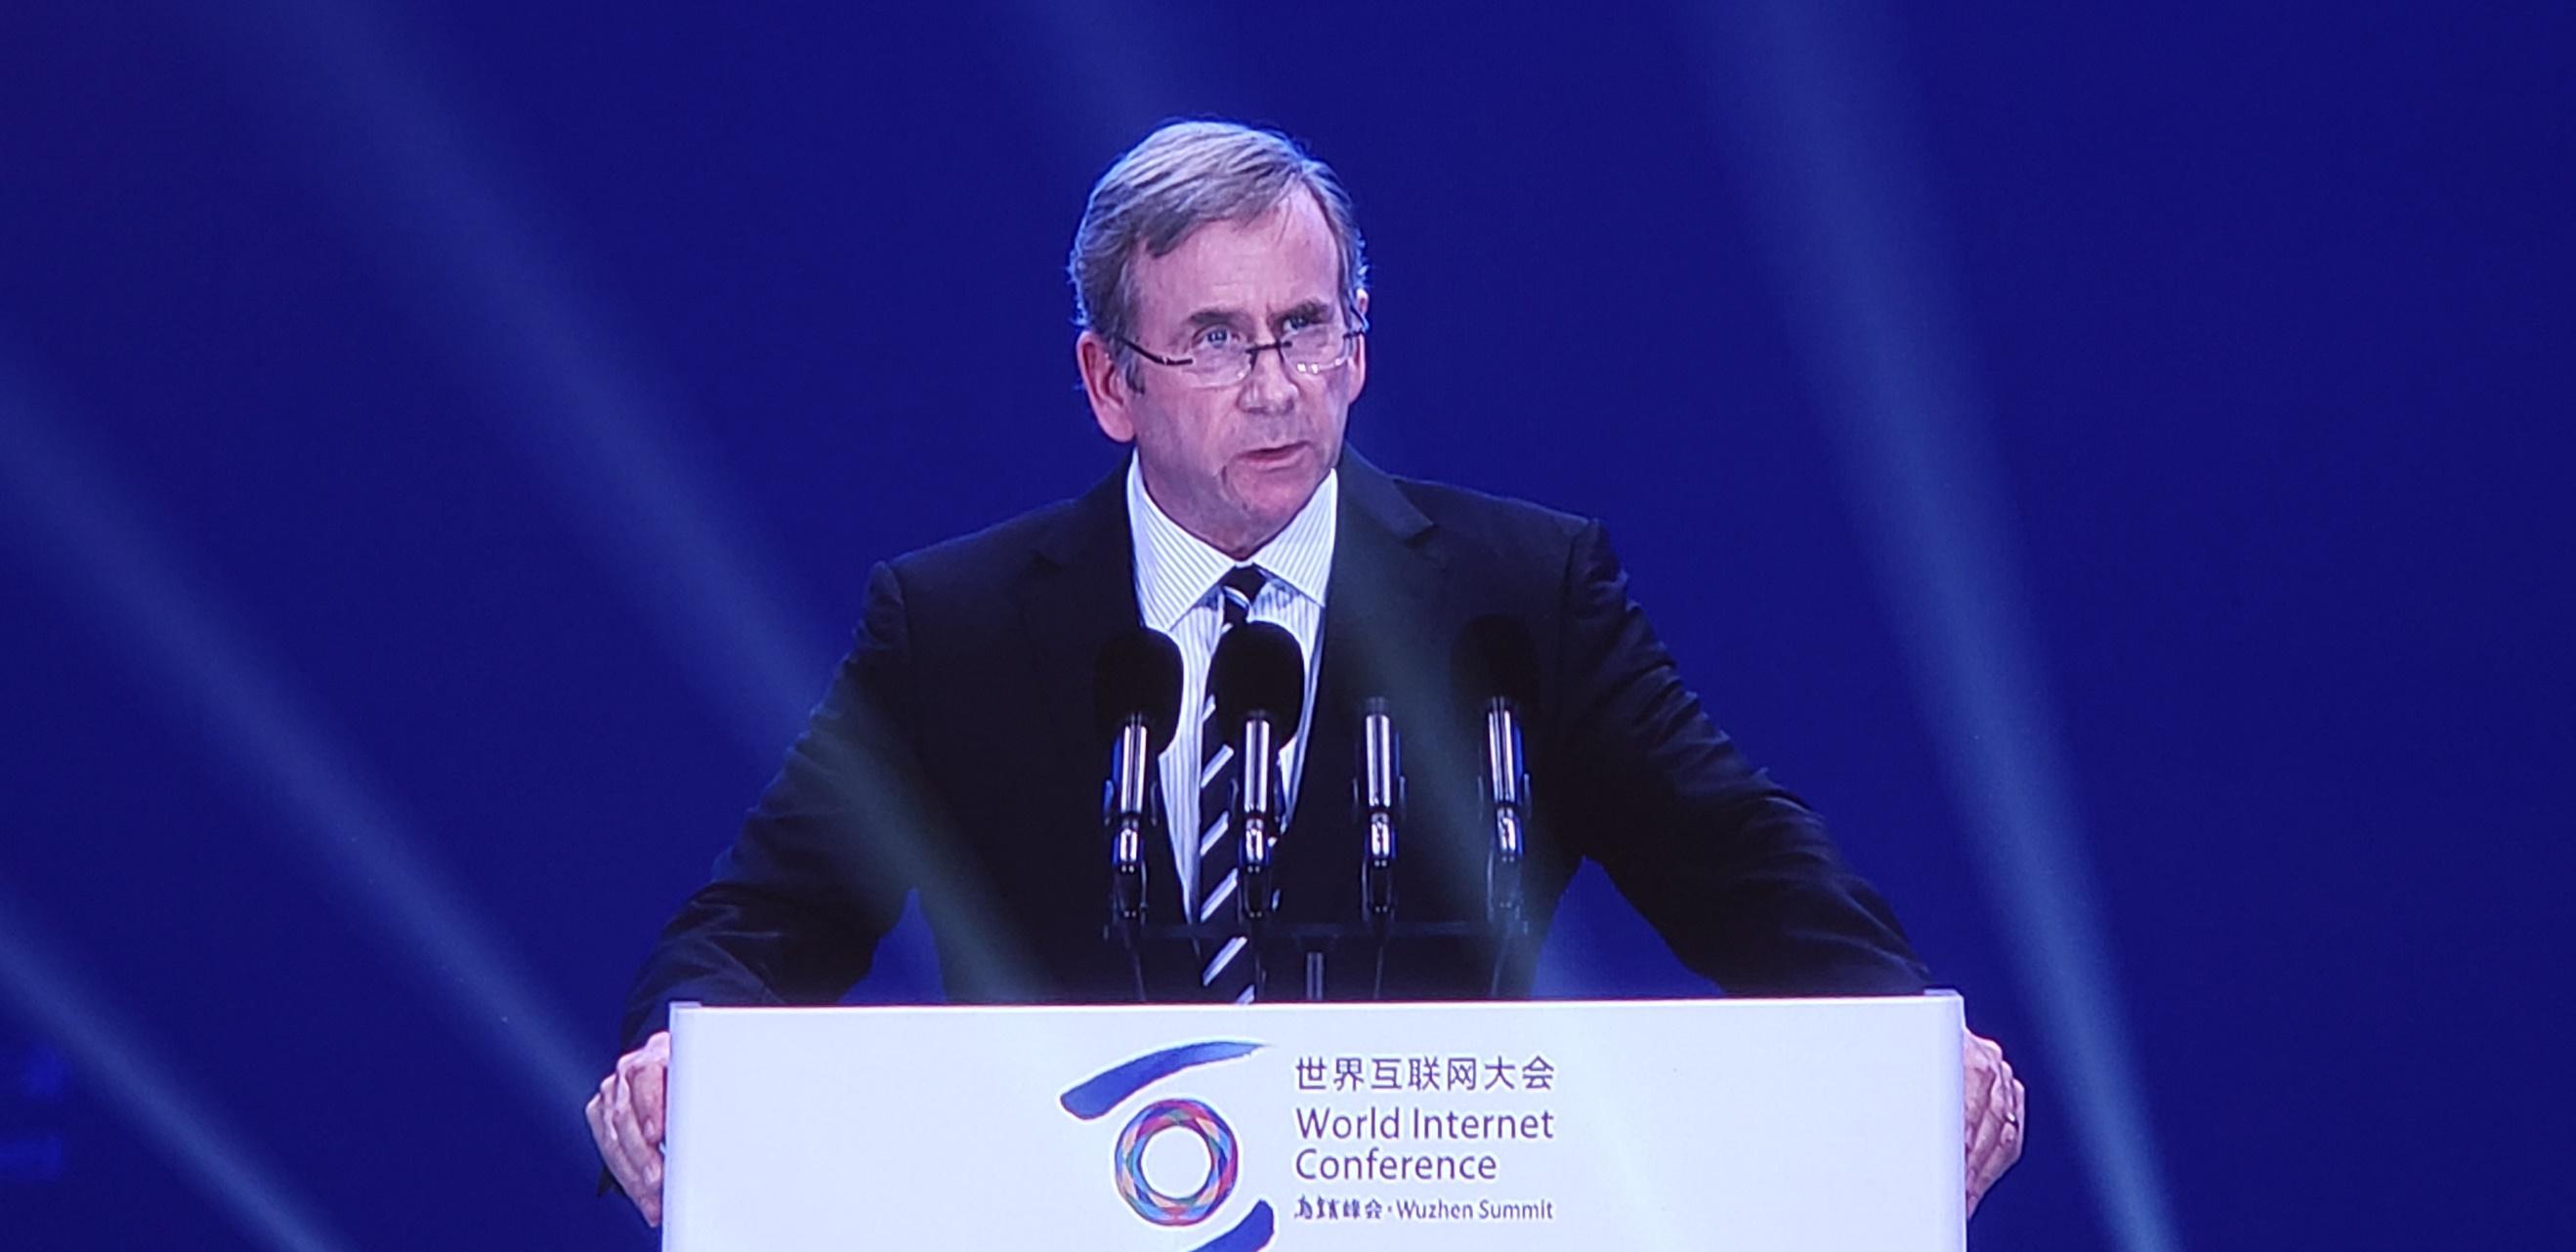 高通执行副总裁兼技术许可业务总裁Alex Rogers (亚历克斯•罗杰士)在第六届世界互联网大会全体会上发表演讲